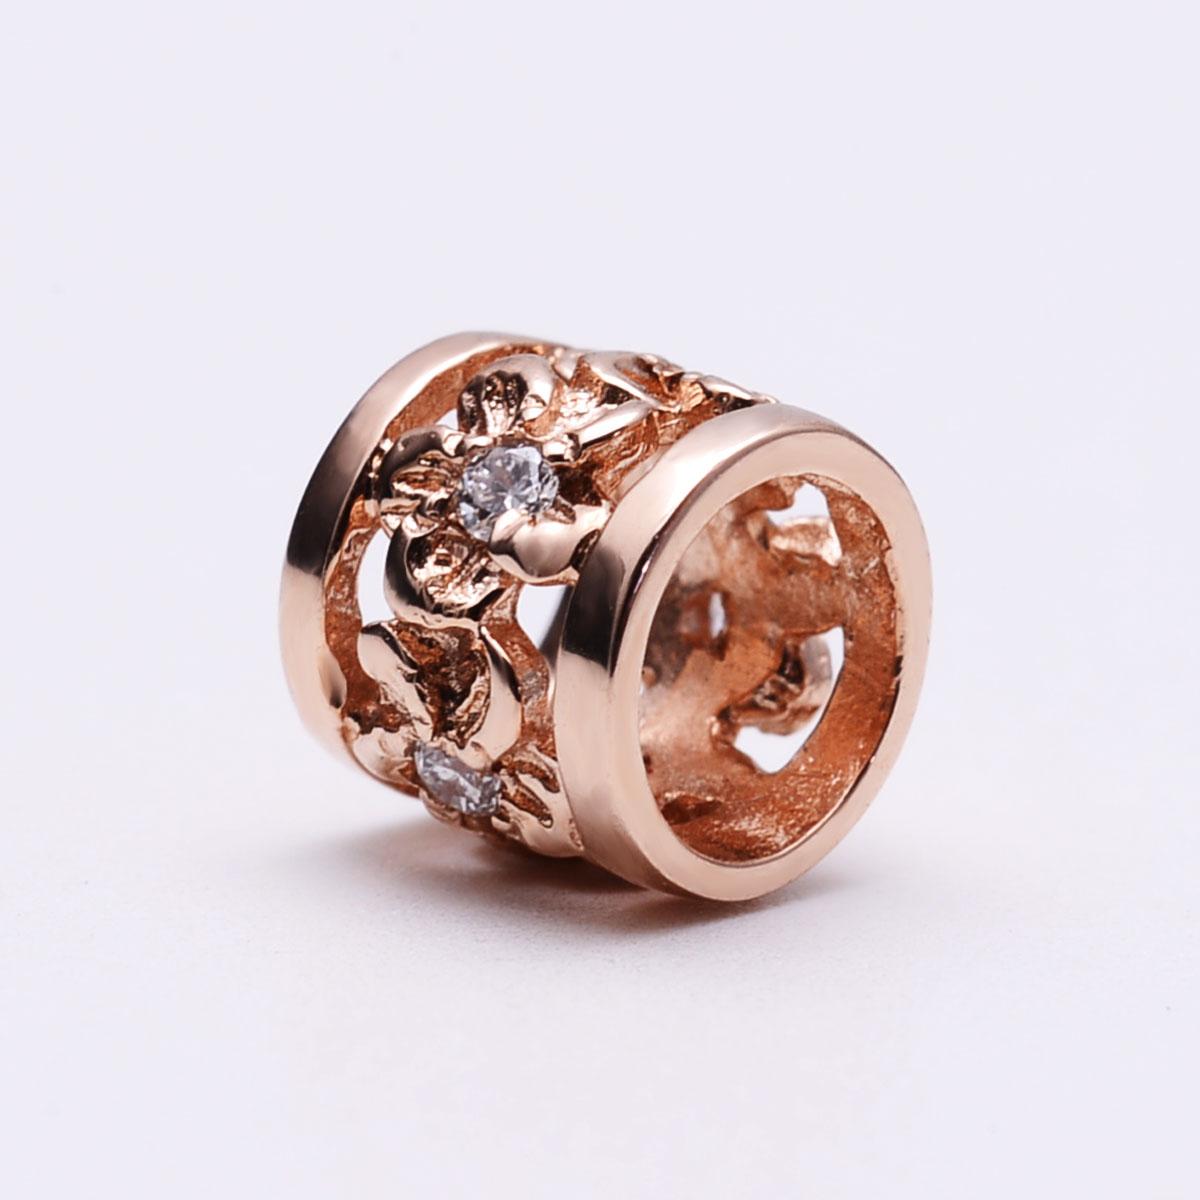 ハワイアンジュエリー ネックレス ダイヤモンドプチバレル・K18 ホワイトゴールドペンダント apdo6498apd0062ae